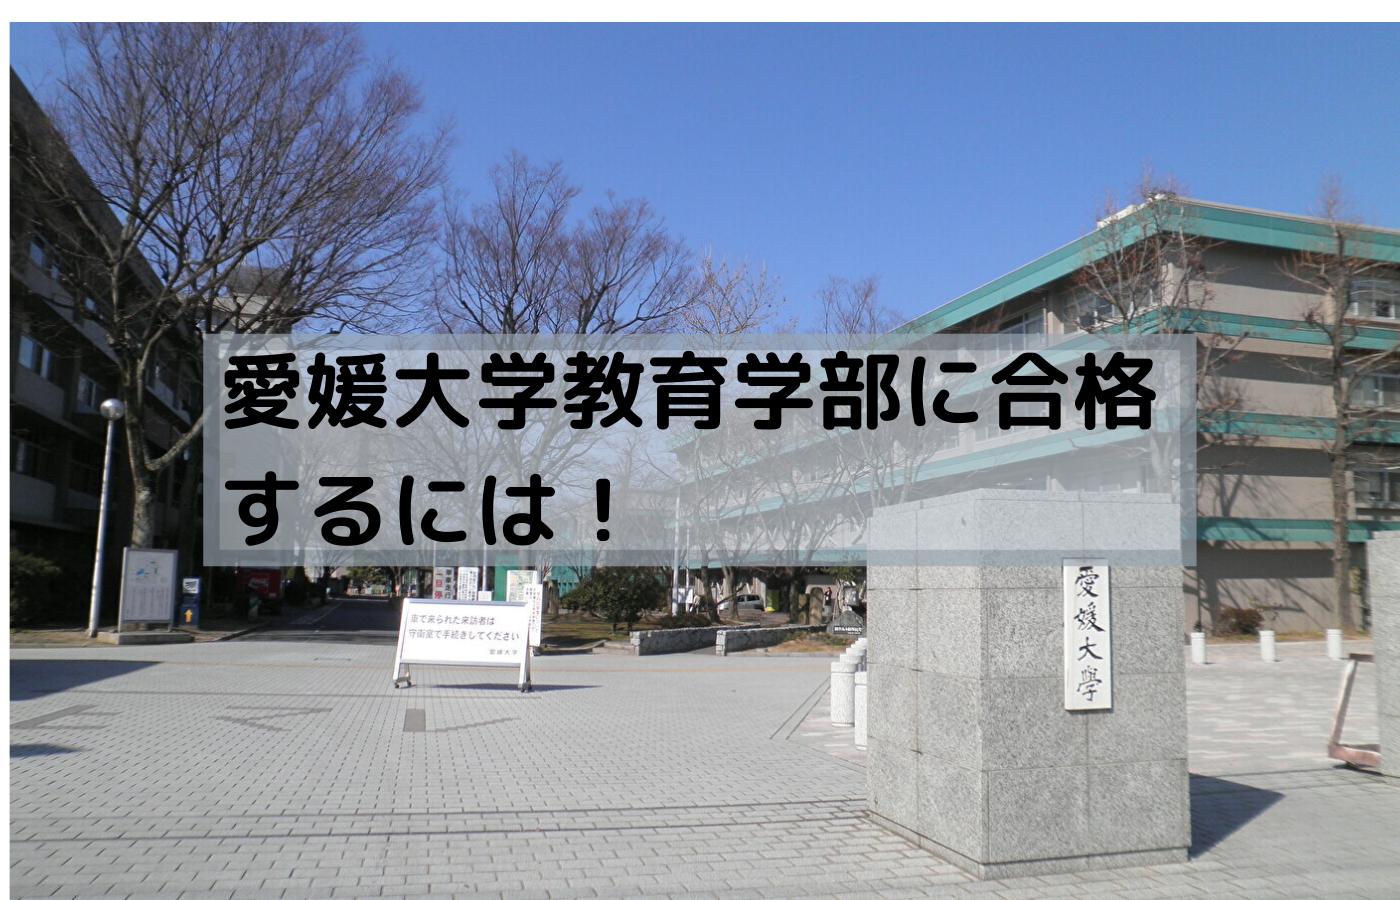 愛媛大学教育学部に合格するための戦略や計画を紹介